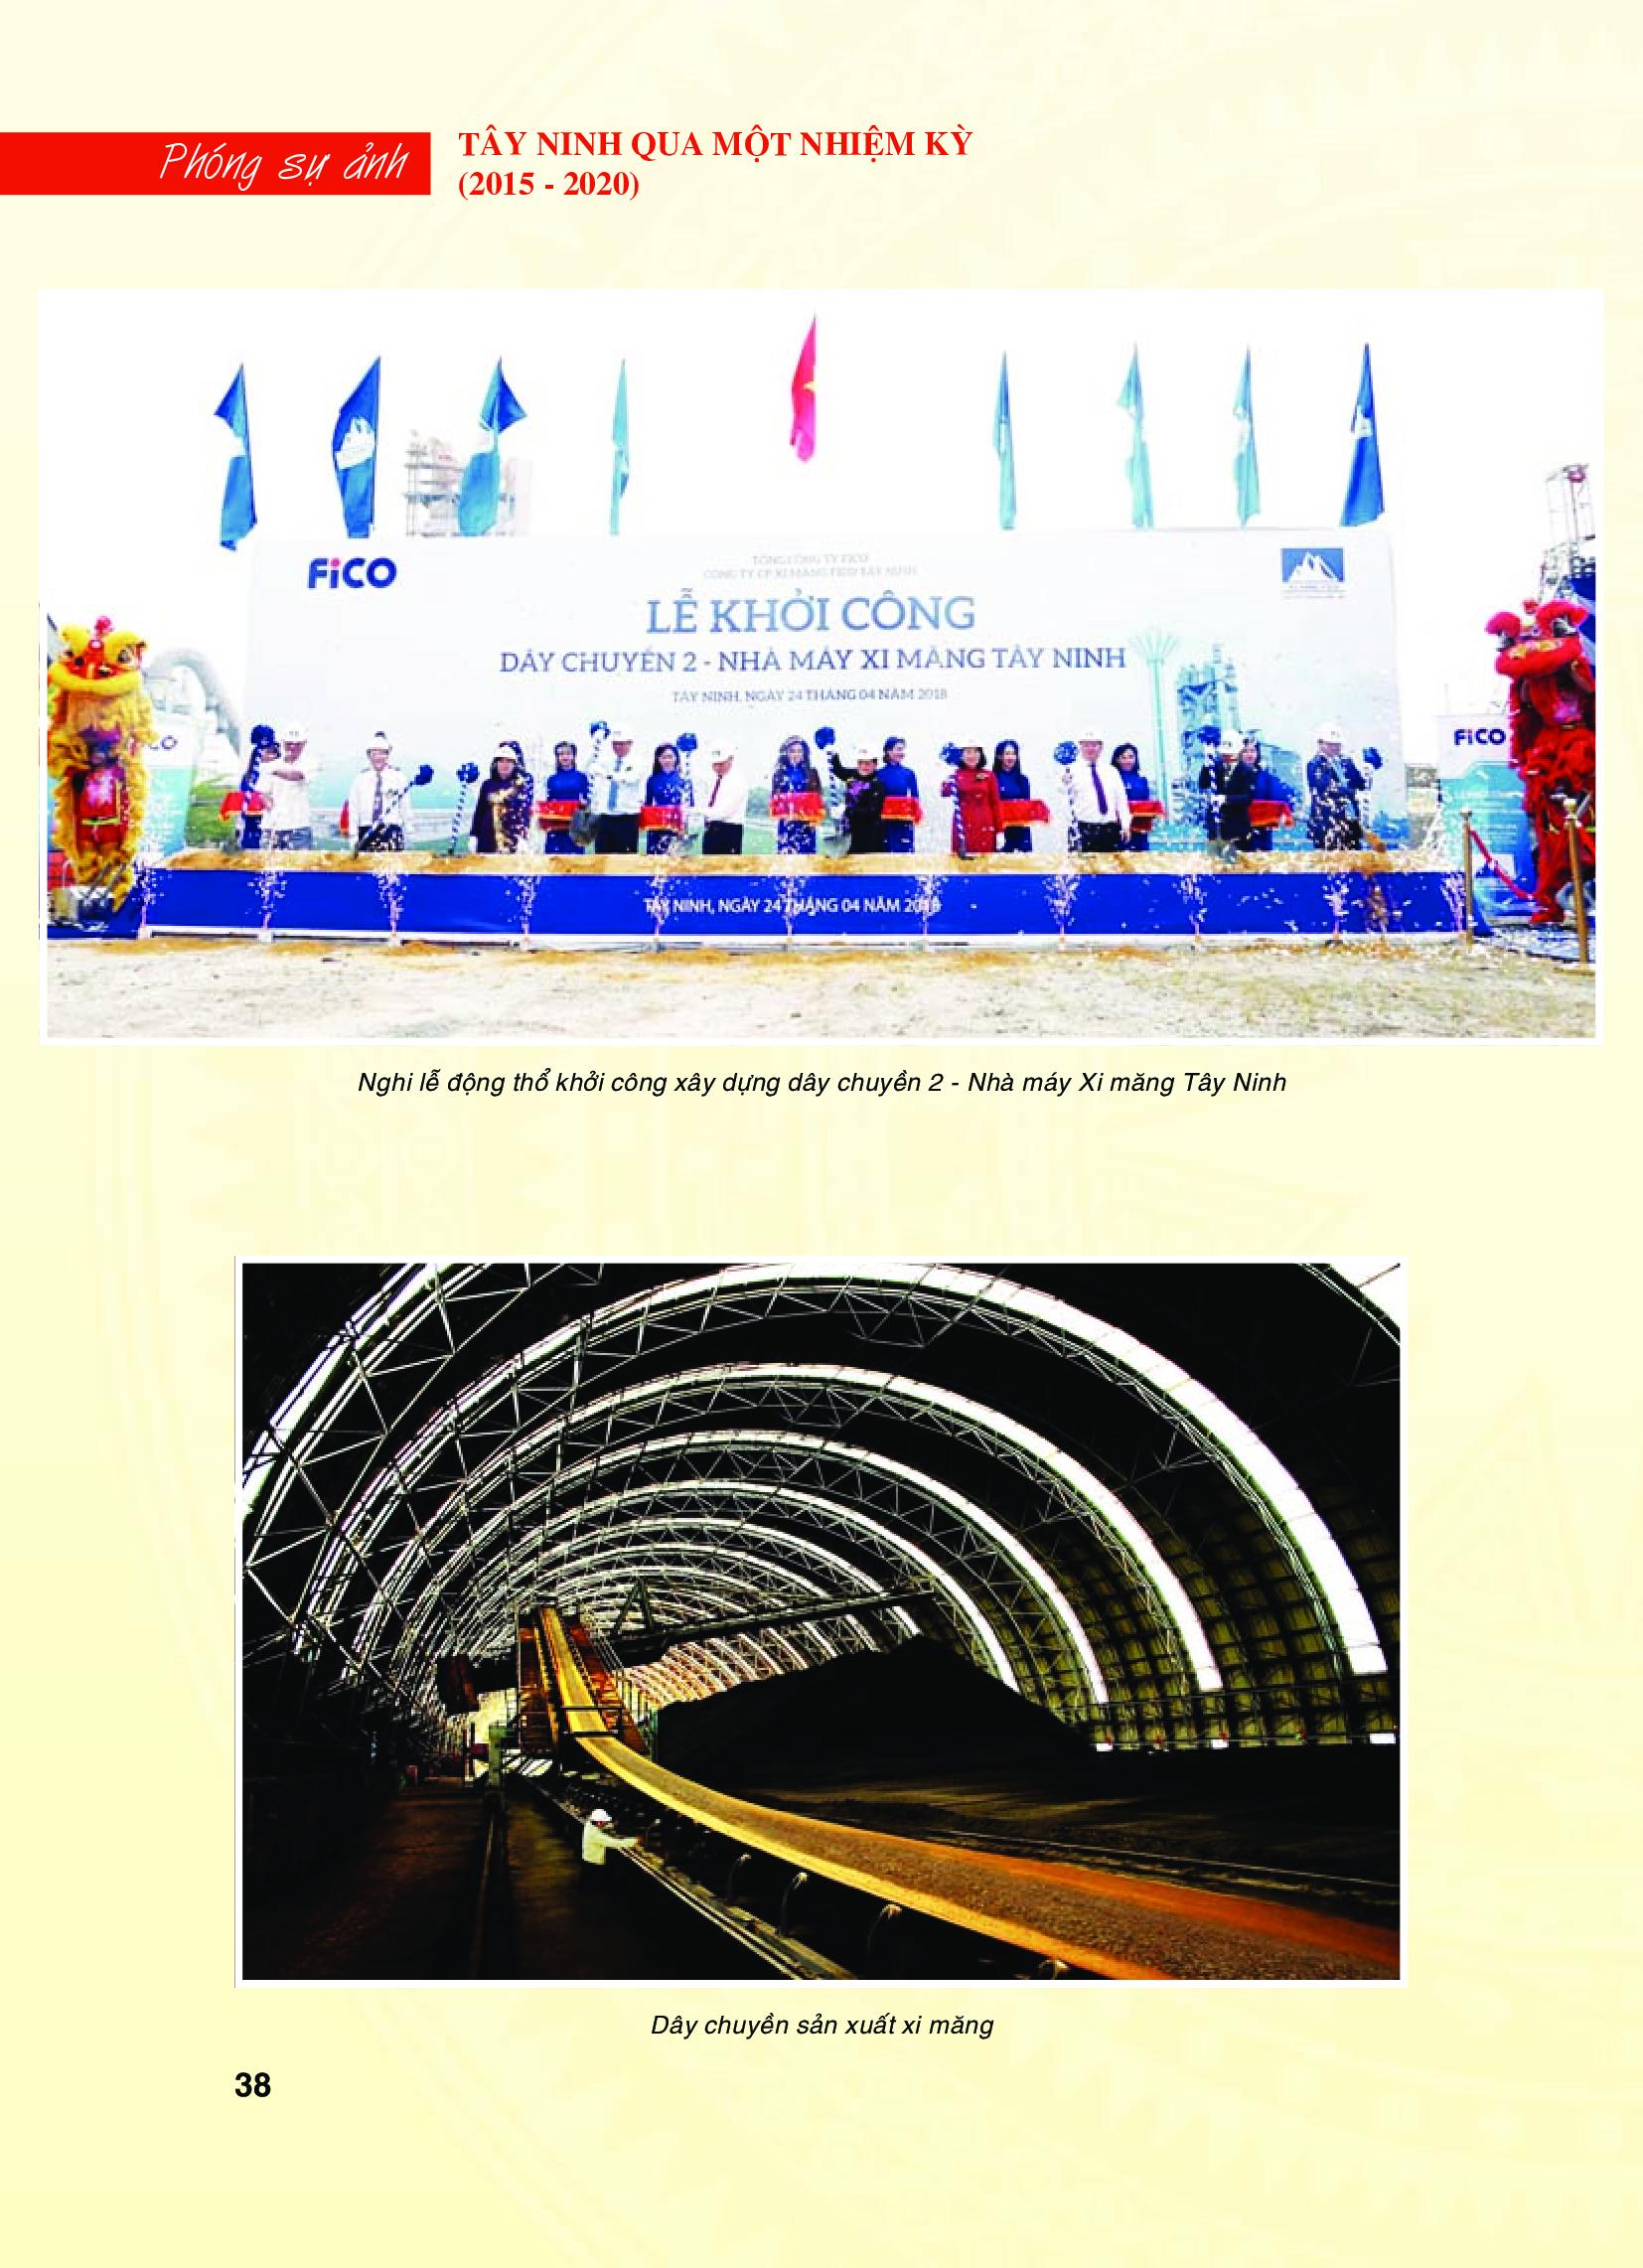 Tây Ninh qua một nhiệm kỳ (2015 - 2020): Thành tựu phát triển kinh tế